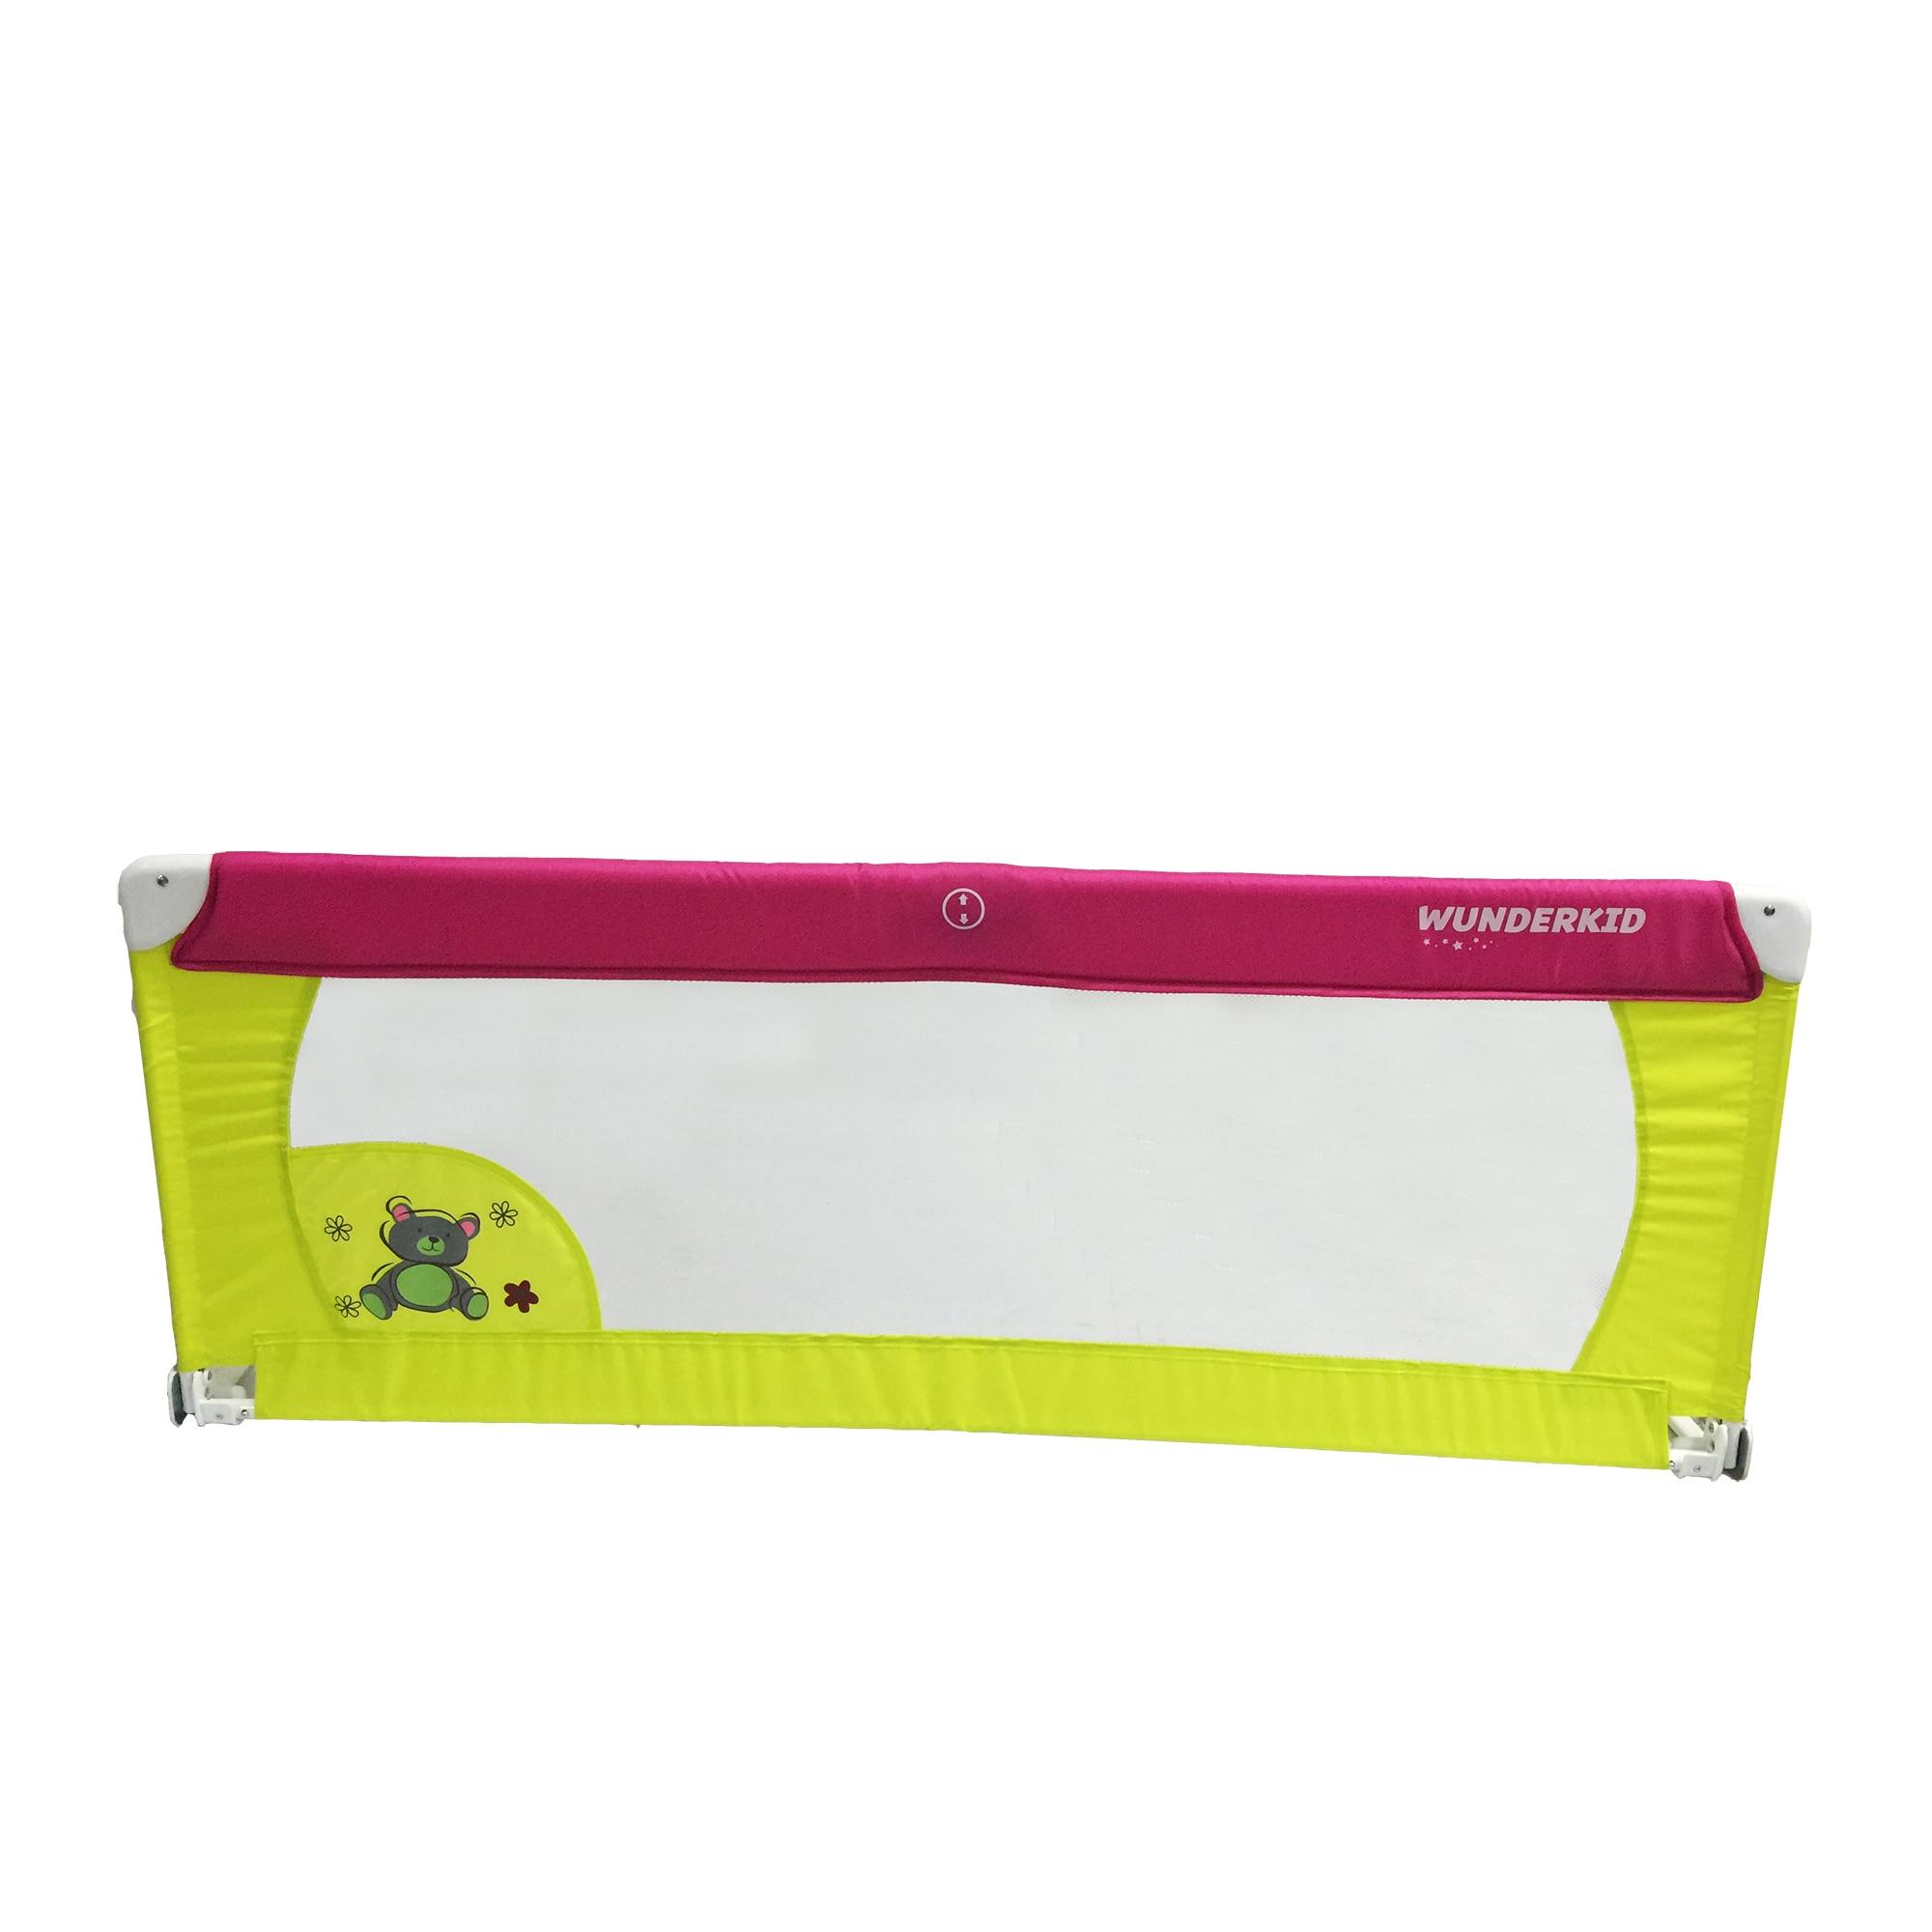 Fotografie Bariera de protectie pentru pat, Wunderkid, Multicolor